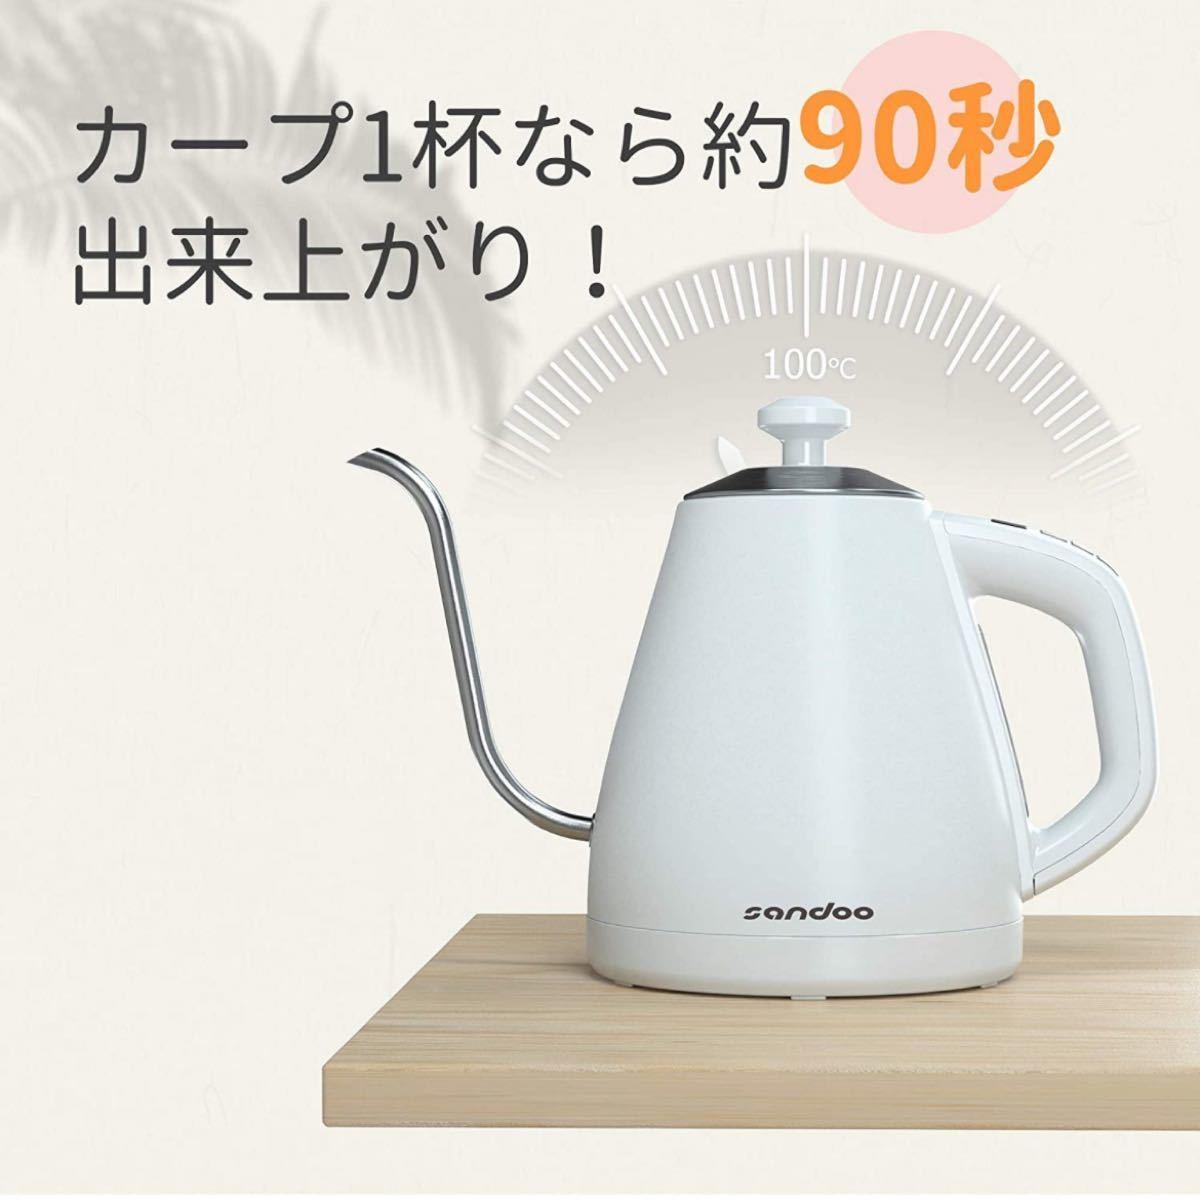 Sandoo 電気ケトル 1.0L【1℃単位で設定】温度調節ケトル 細口 コーヒー 湯沸かしケトル ドリップ ポット 中古